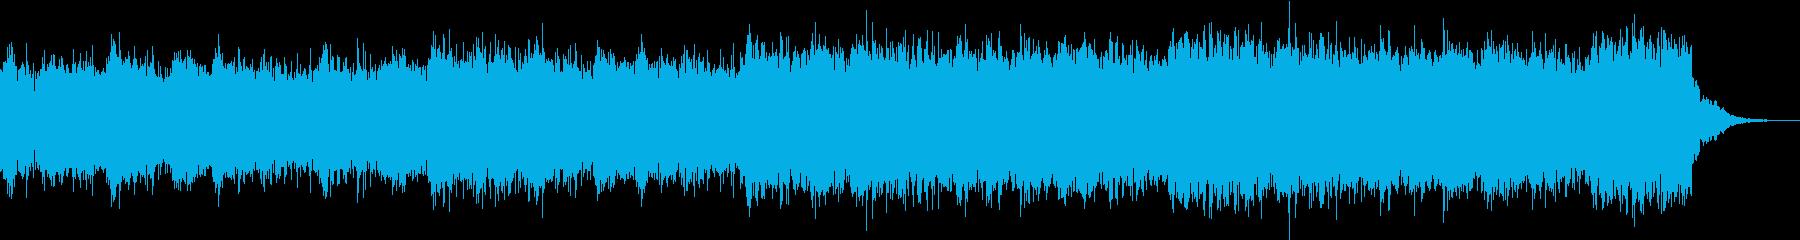 ハラハラ・ドキドキ/ストリングスジングルの再生済みの波形